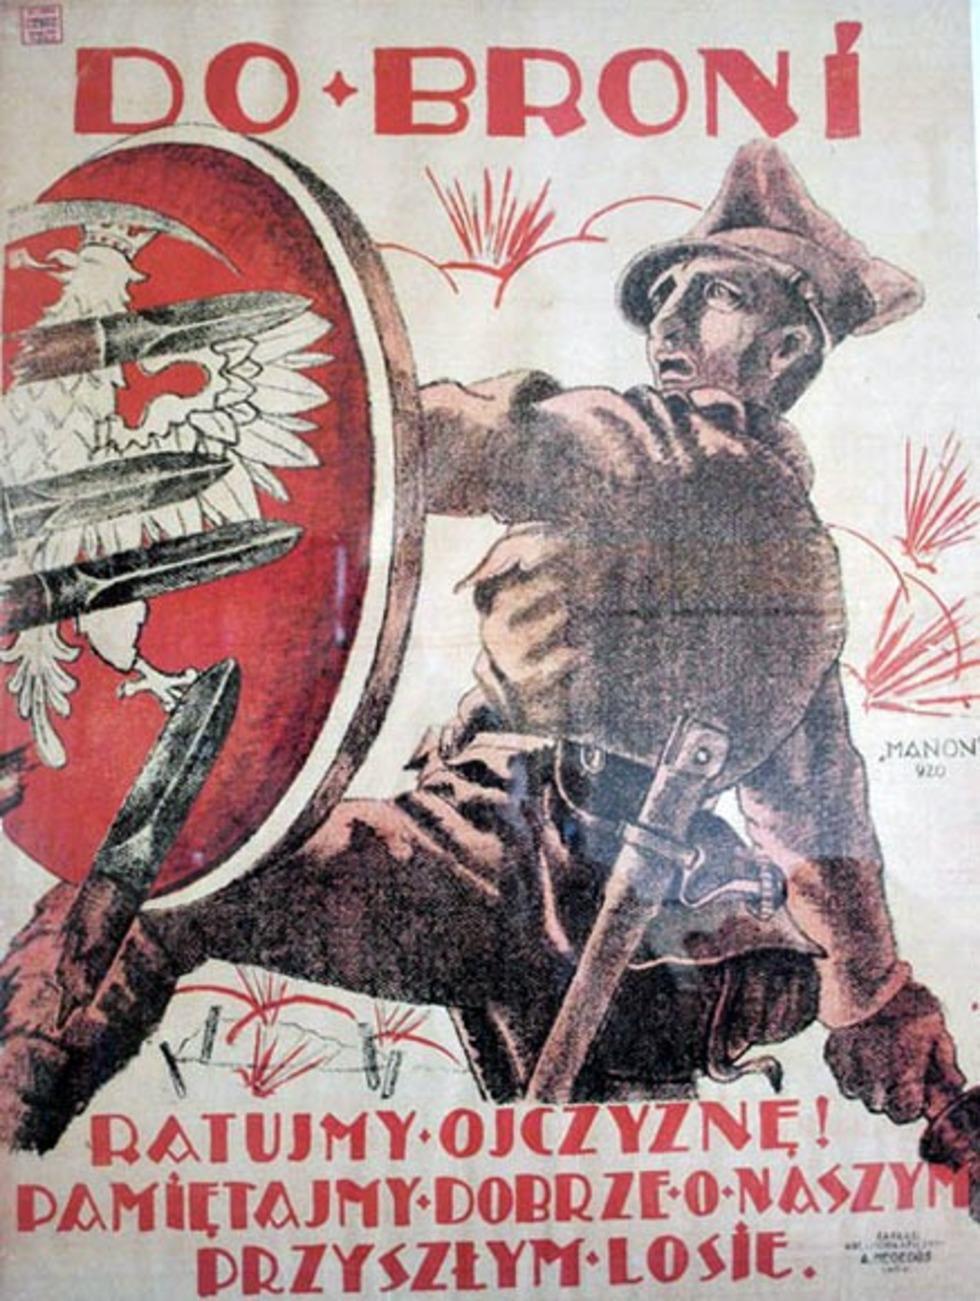 Polski plakat rekrutacyjny z czasów wojny polsko-bolszewickiej. Tak zachęcano mężczyzn do wstępowania w szeregi Wojska Polskiego w lipcu 1920 roku.